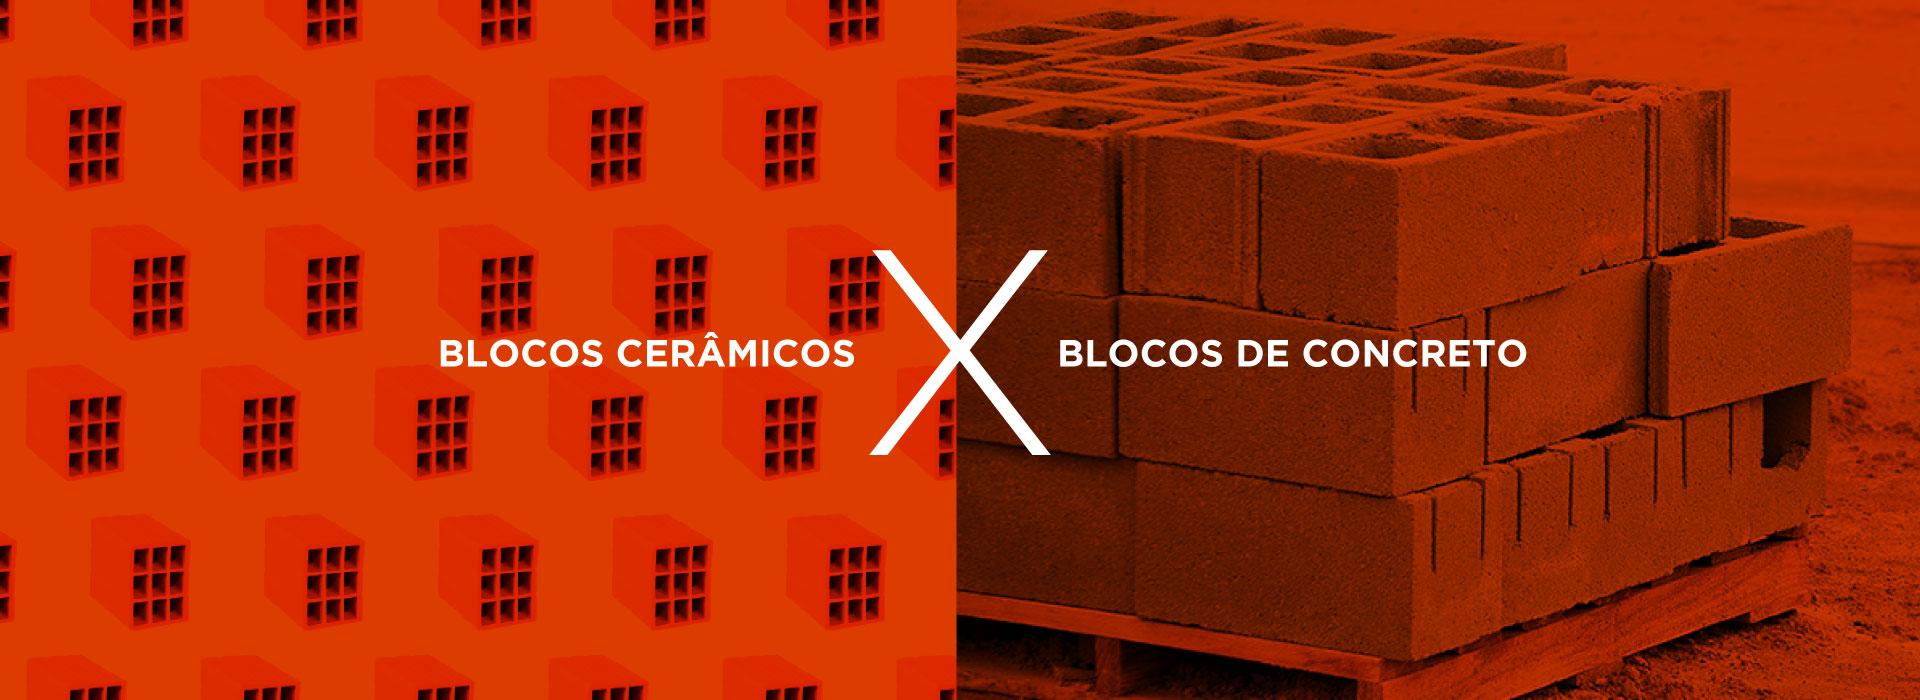 You are currently viewing Bloco cerâmico X bloco de concreto: entenda quais são as diferenças